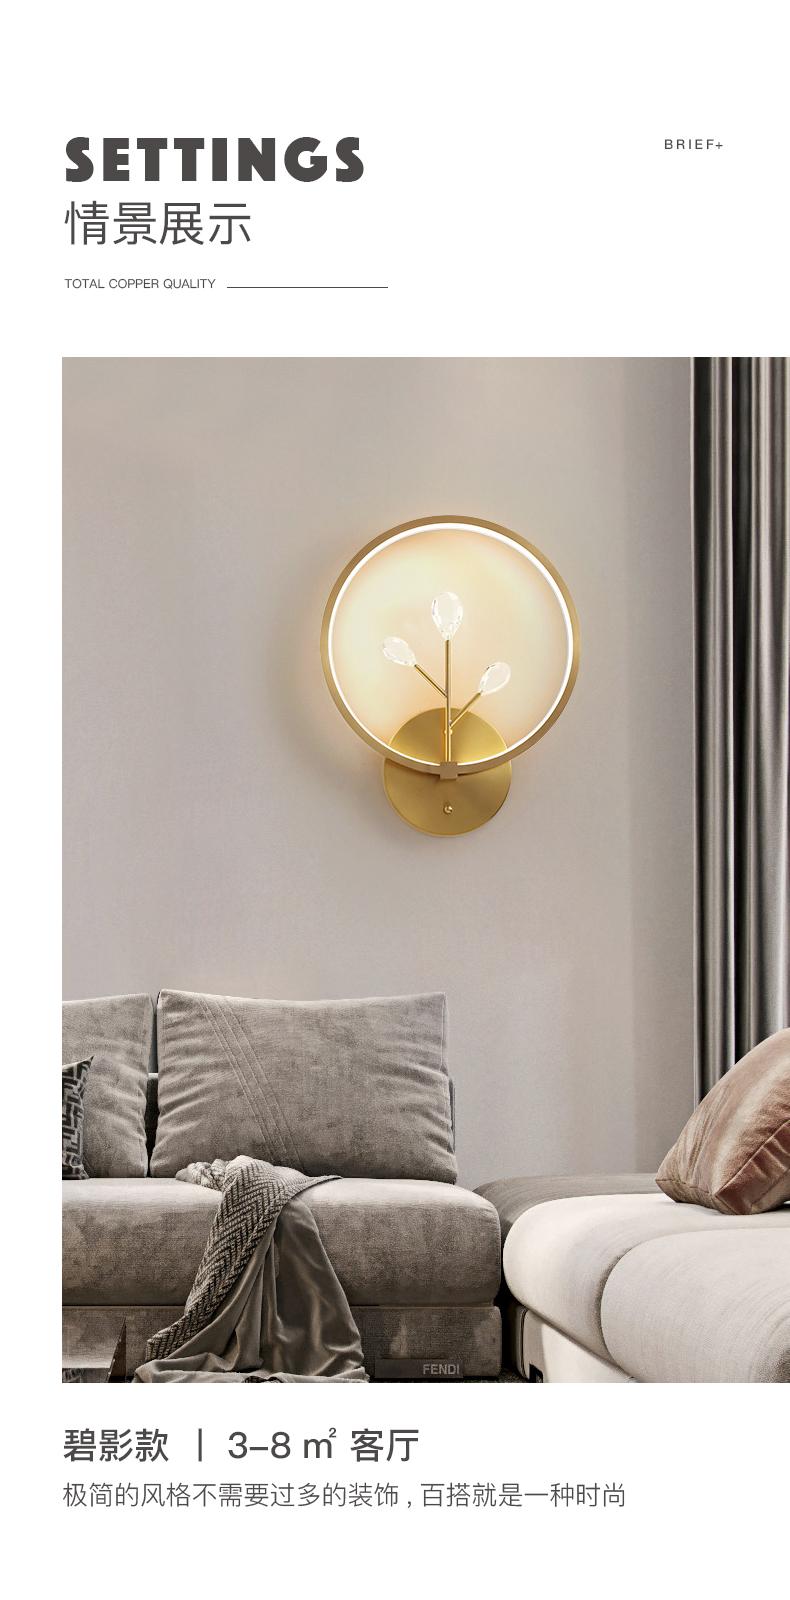 月影灯具轻奢壁灯客厅卧室床头灯现代简约创意全铜水晶走廊走道灯详细照片